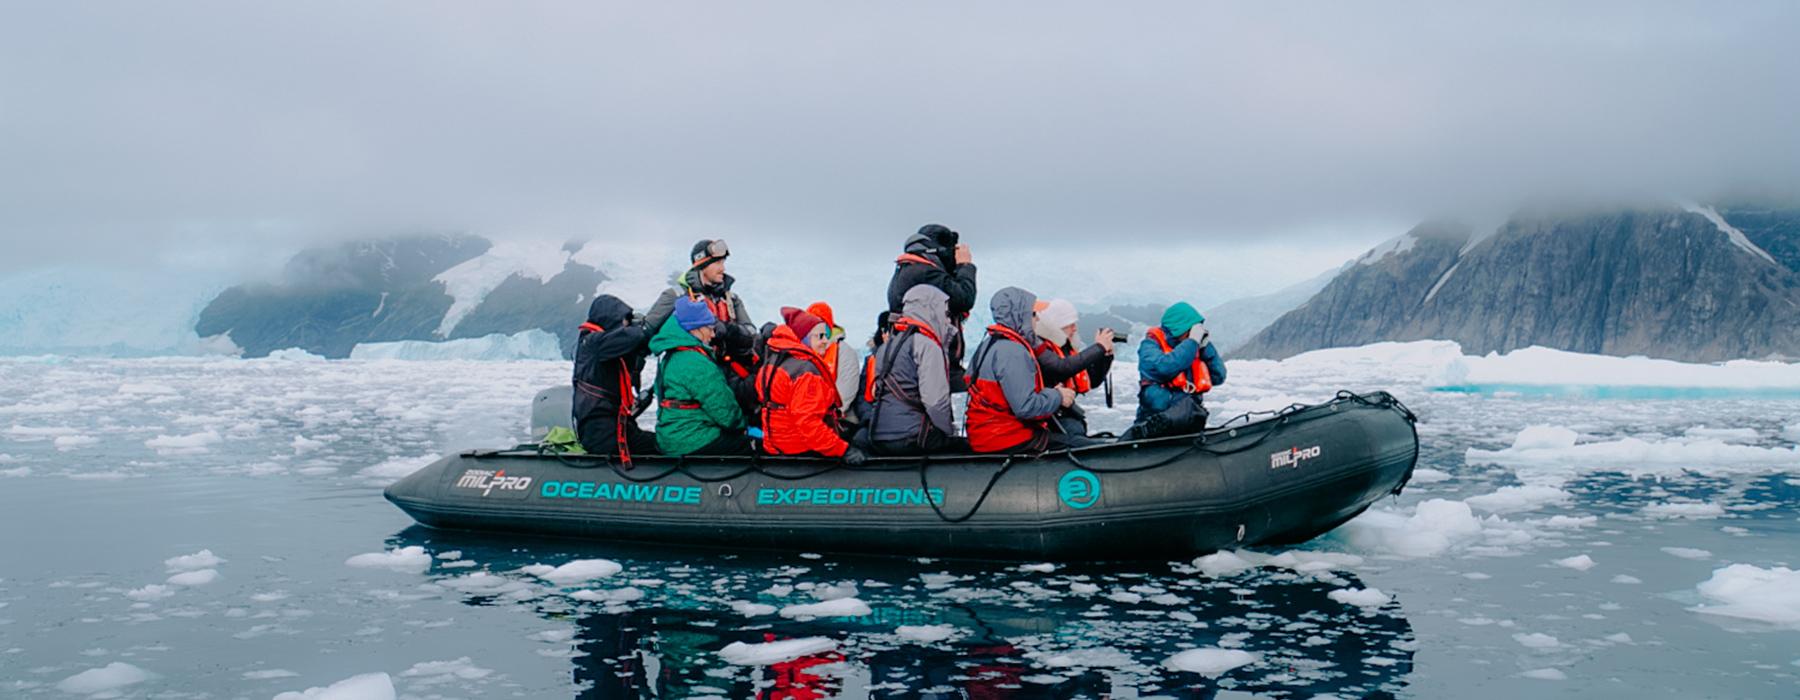 Wide Antarctica 2020